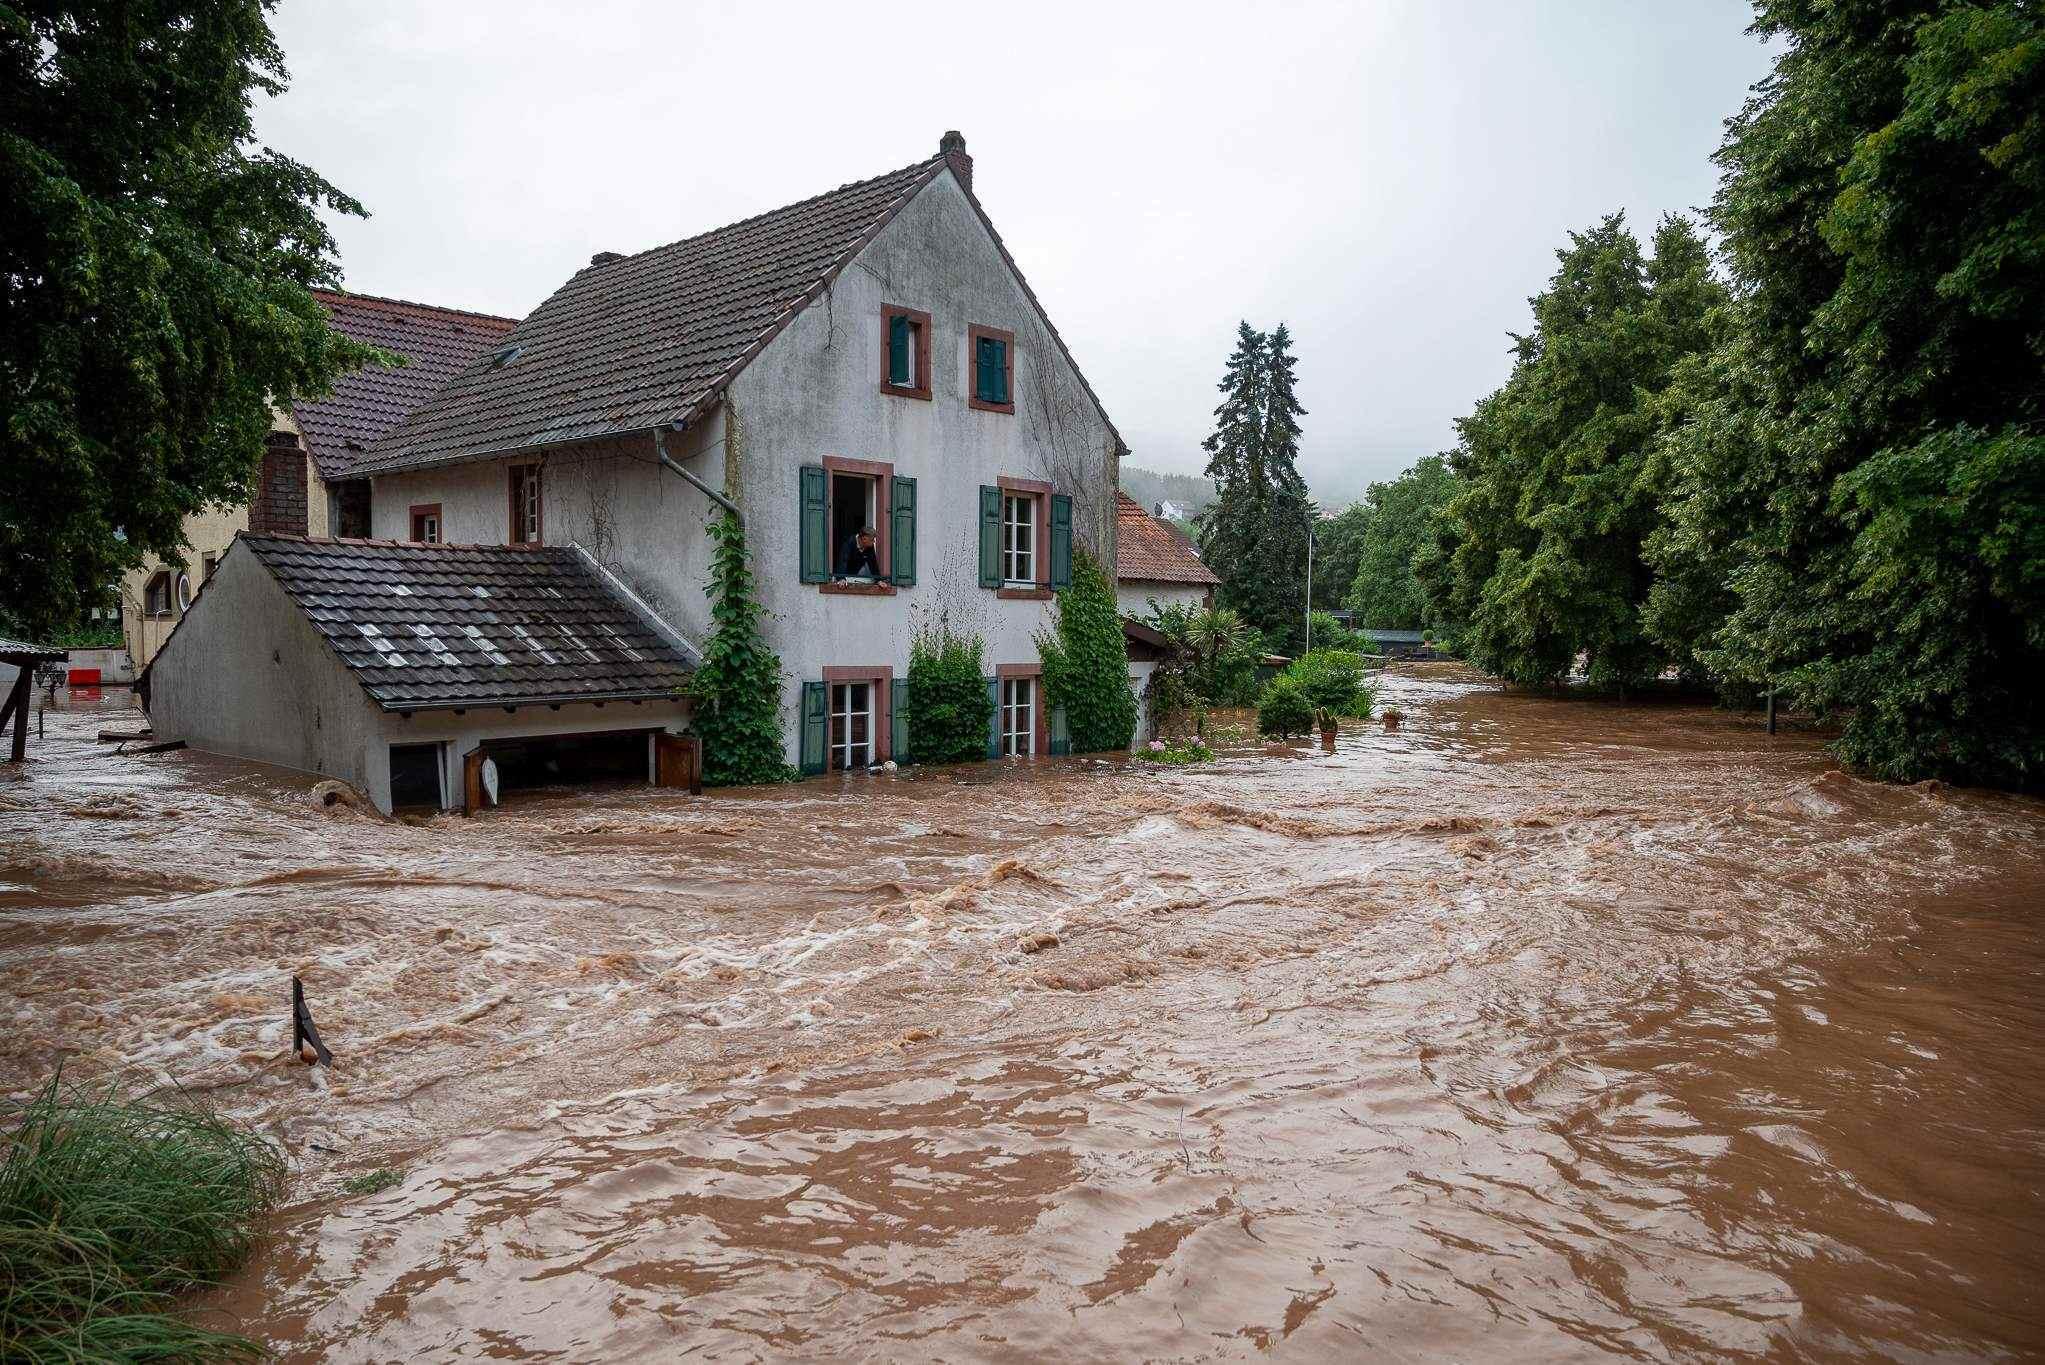 Hơn một nghìn người mất tích, hàng chục người thiệt mạng do lũ lụt ở Đức